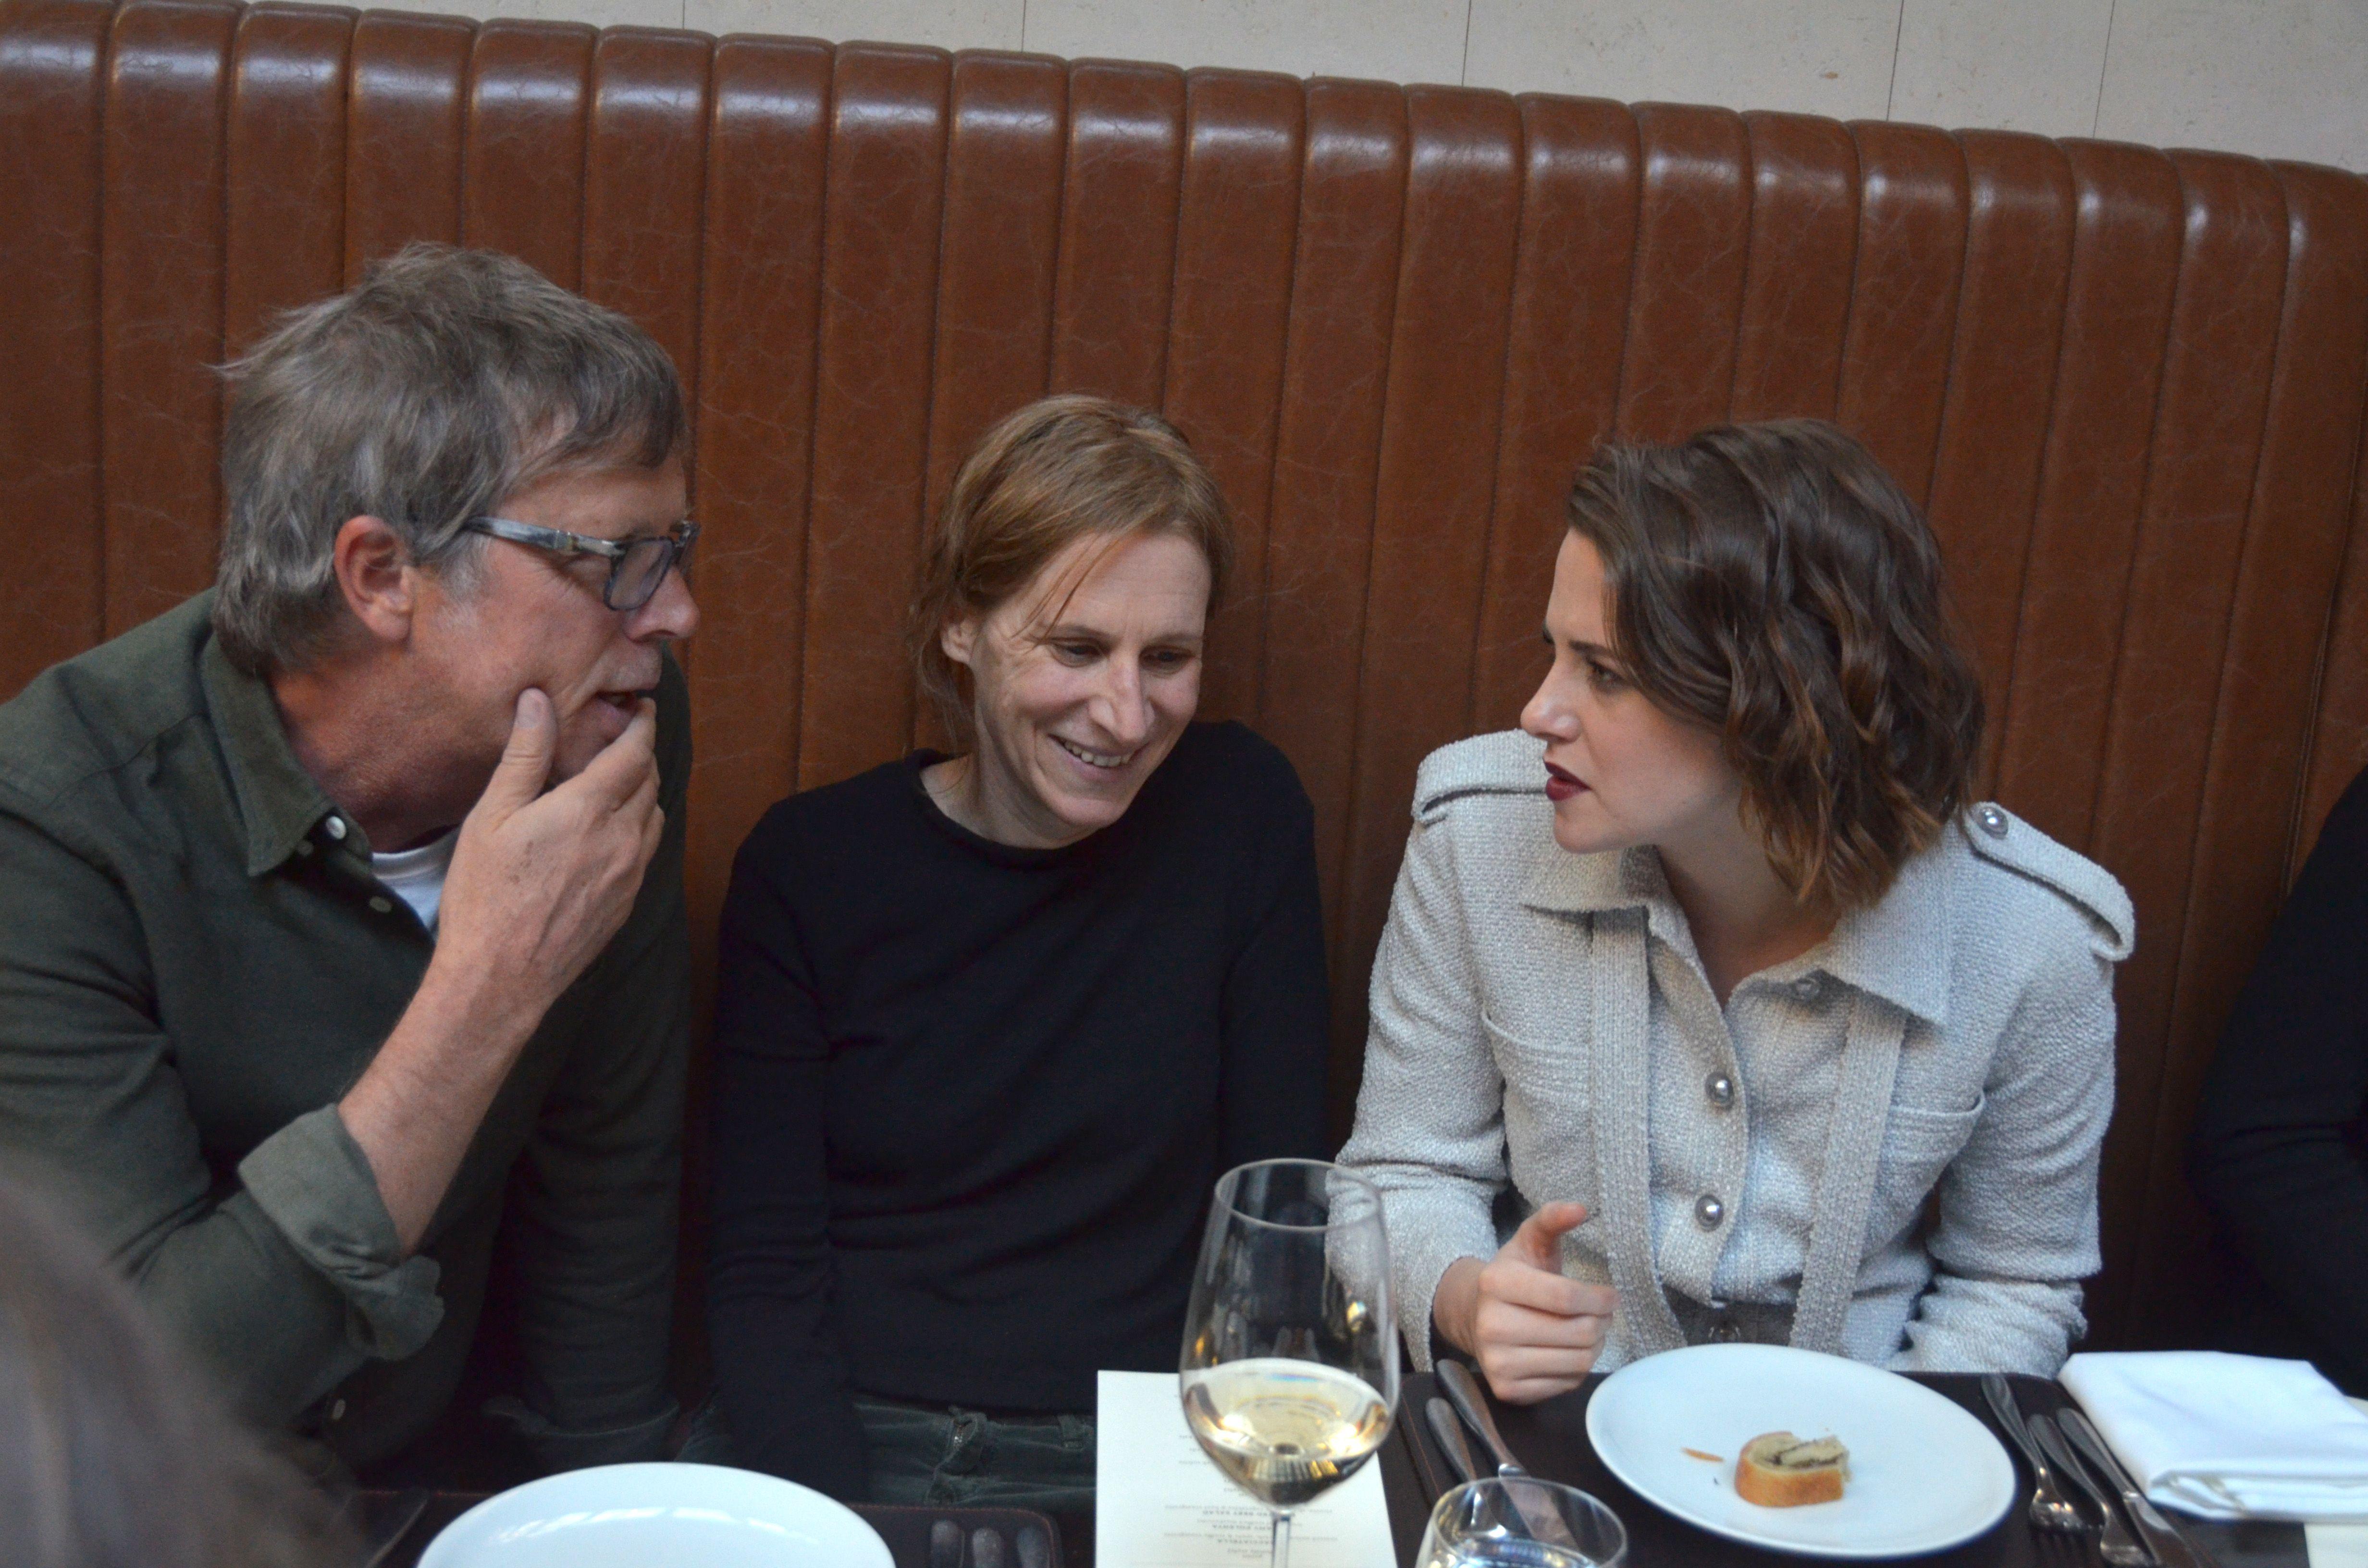 Todd Haynes, Kelly Reichardt and Kristen Stewart